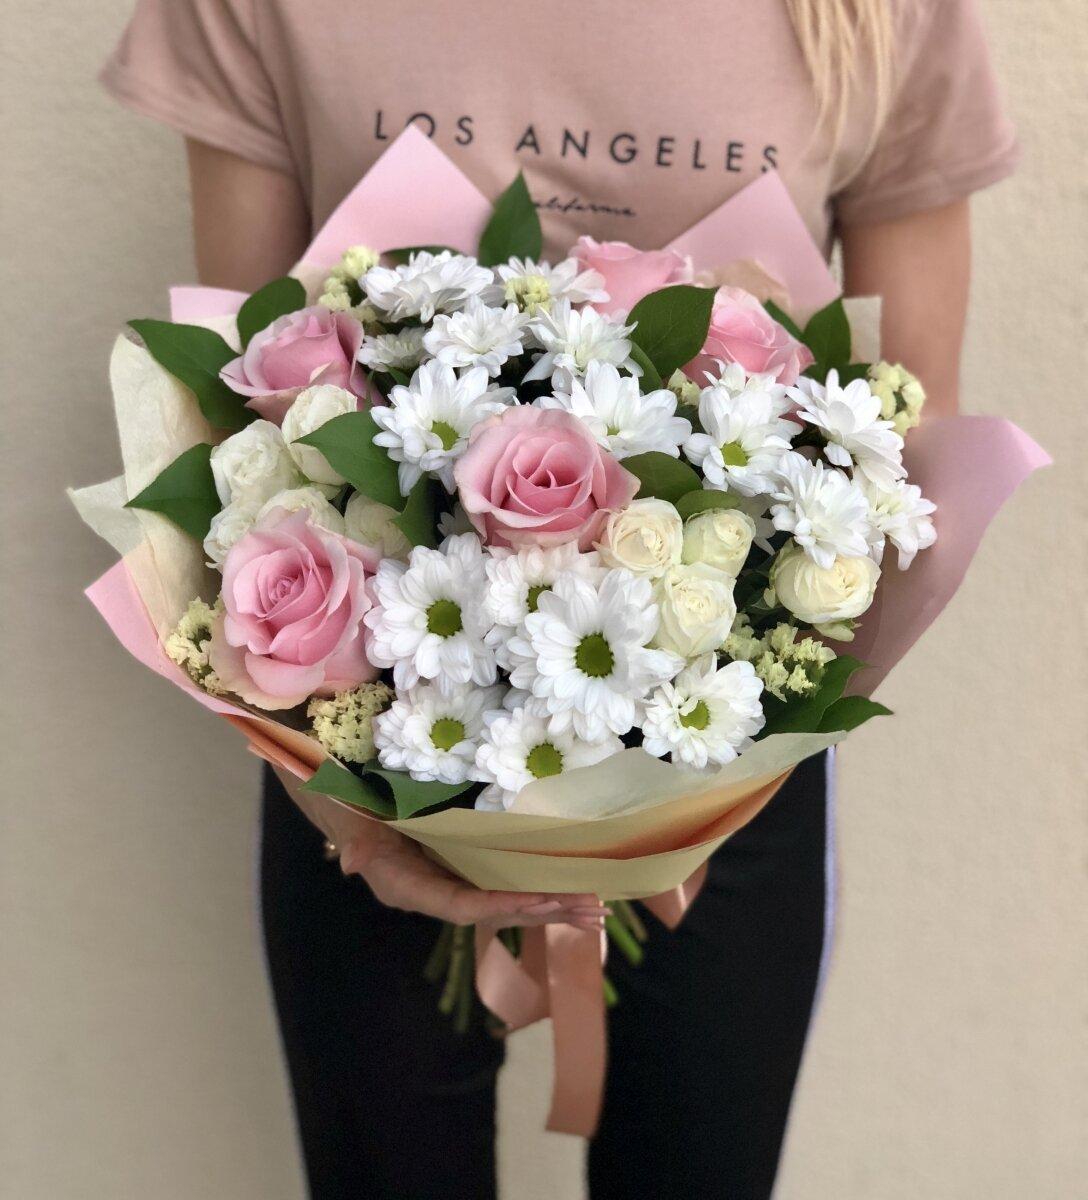 Букет из хризантем и белых, розовых роз Барселона